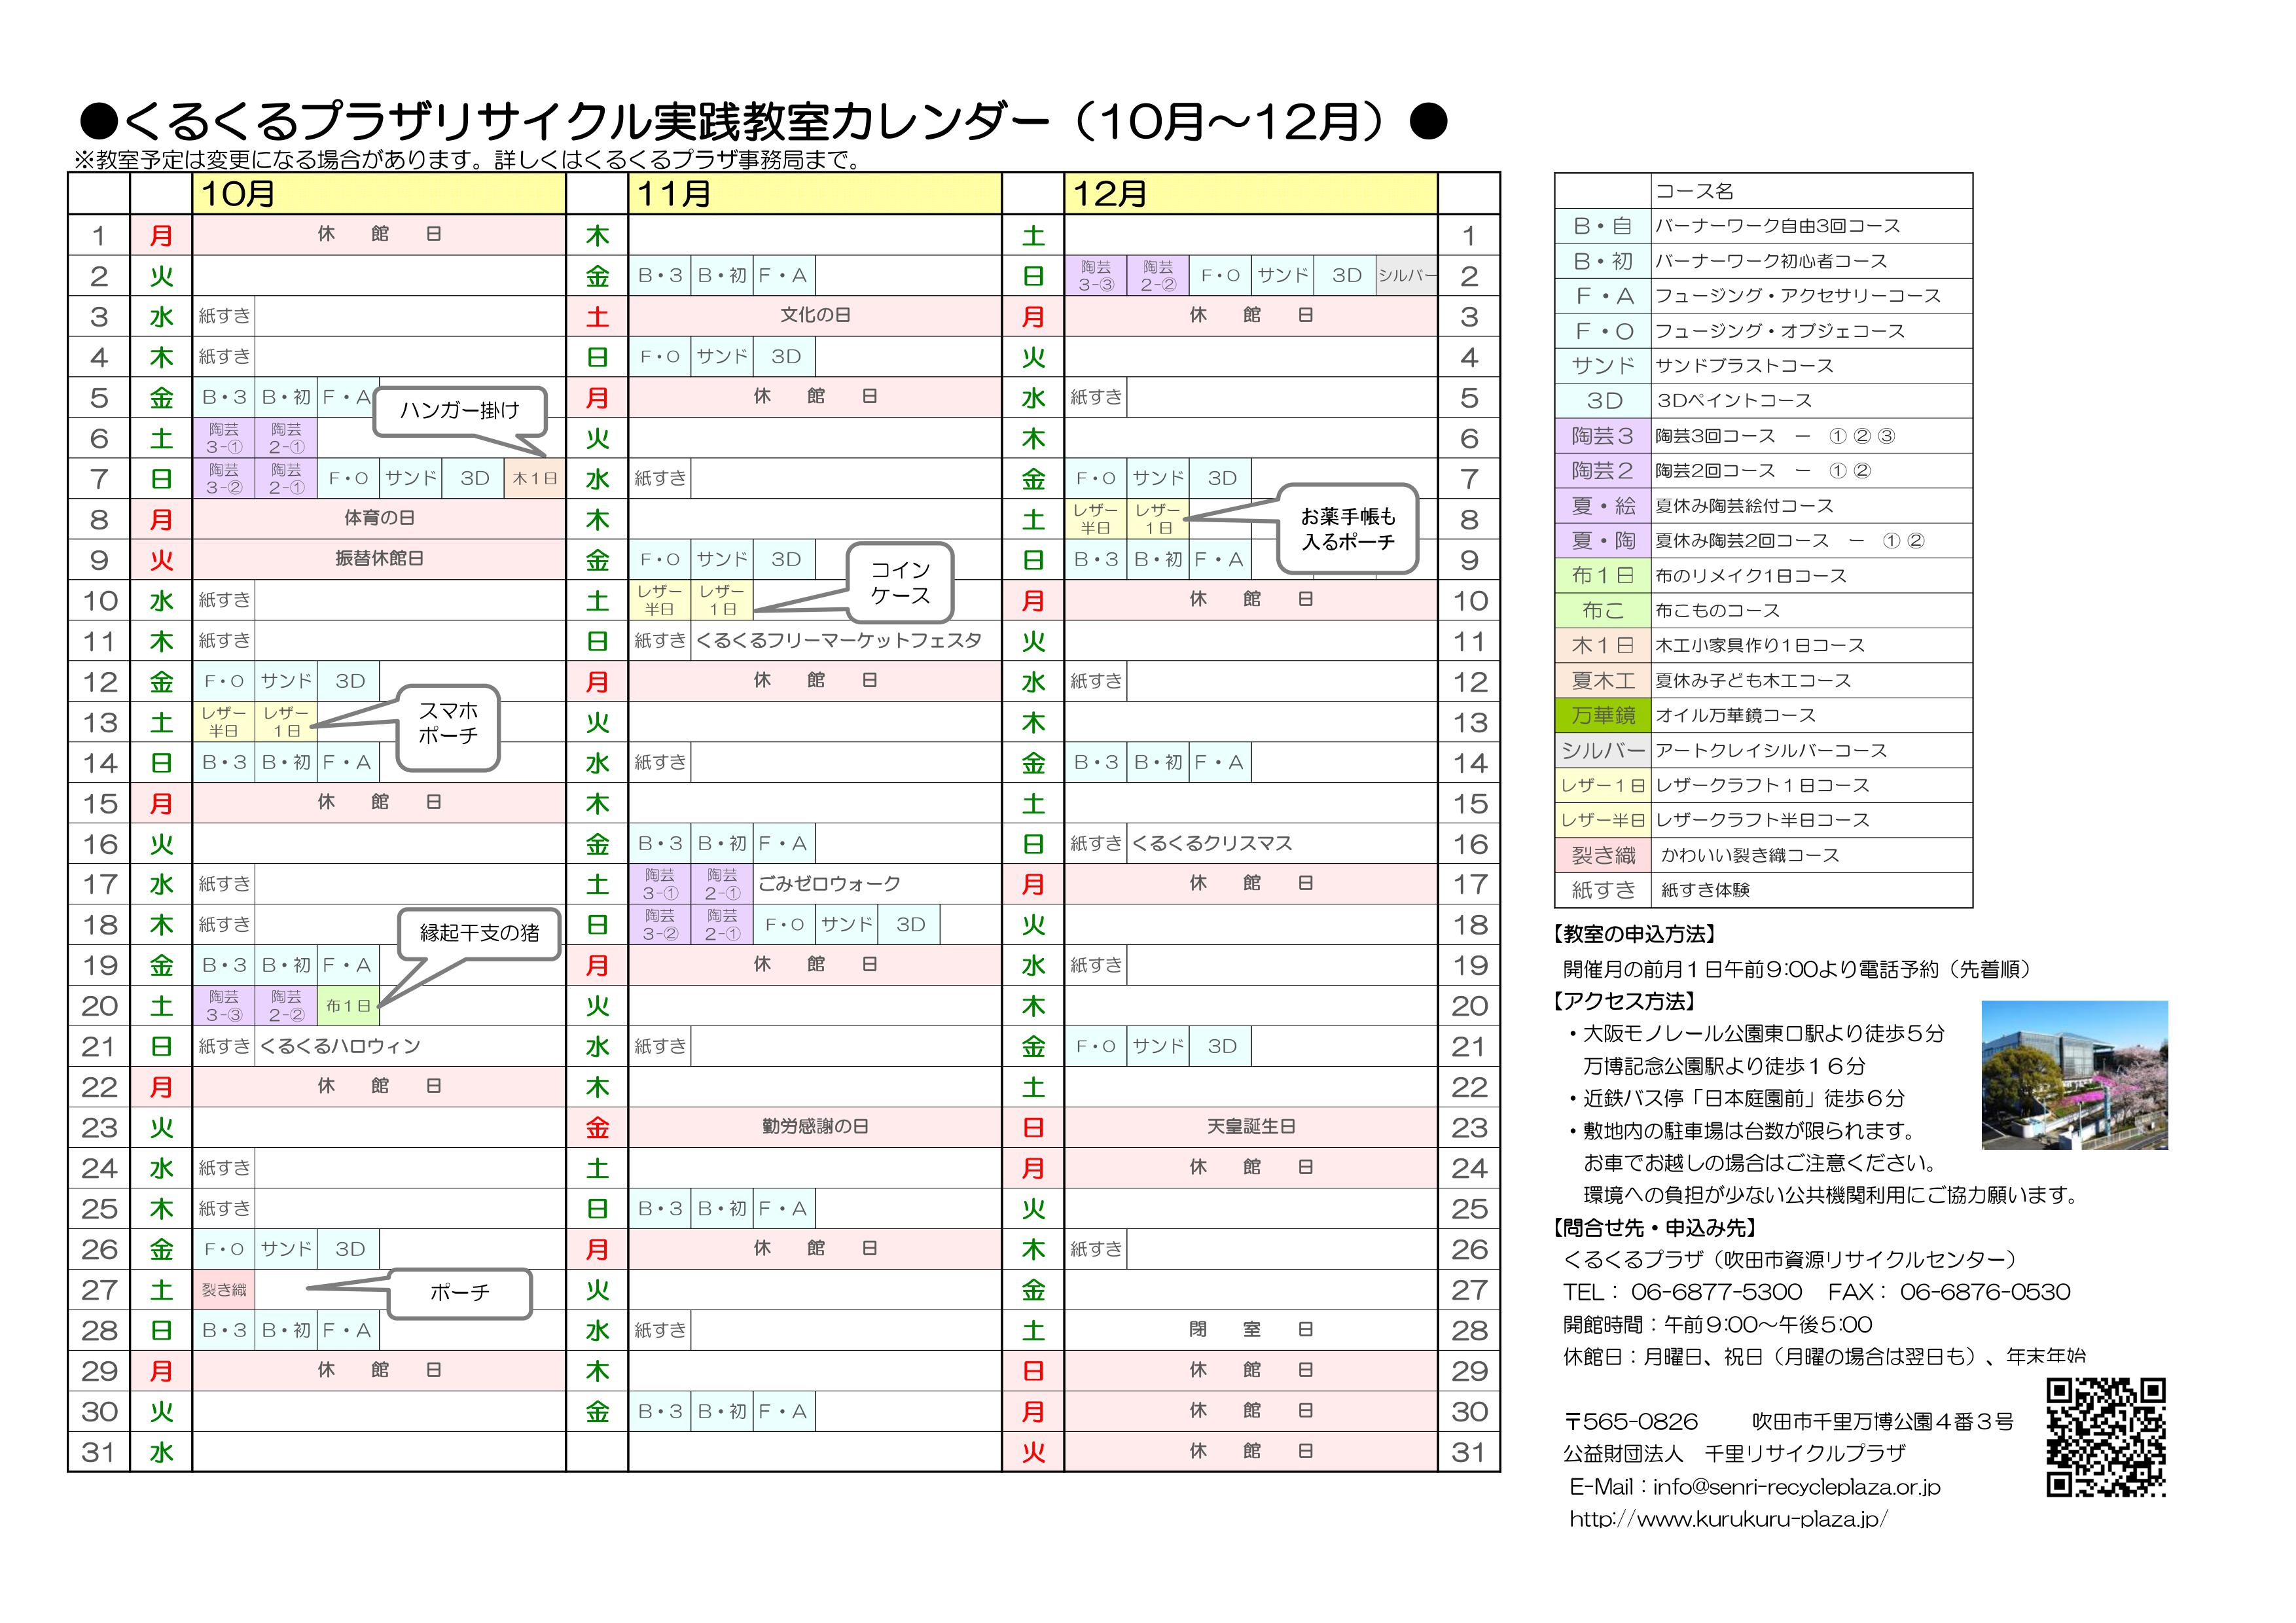 カレンダー2018.10-12